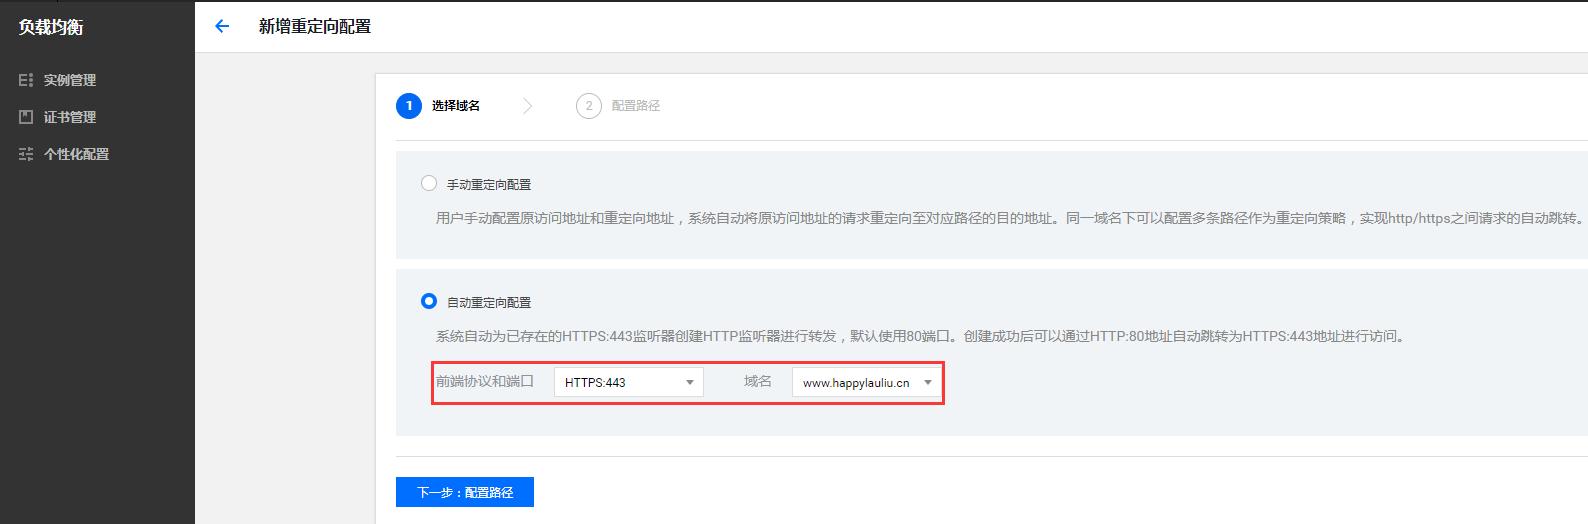 开启http自动重定向功能